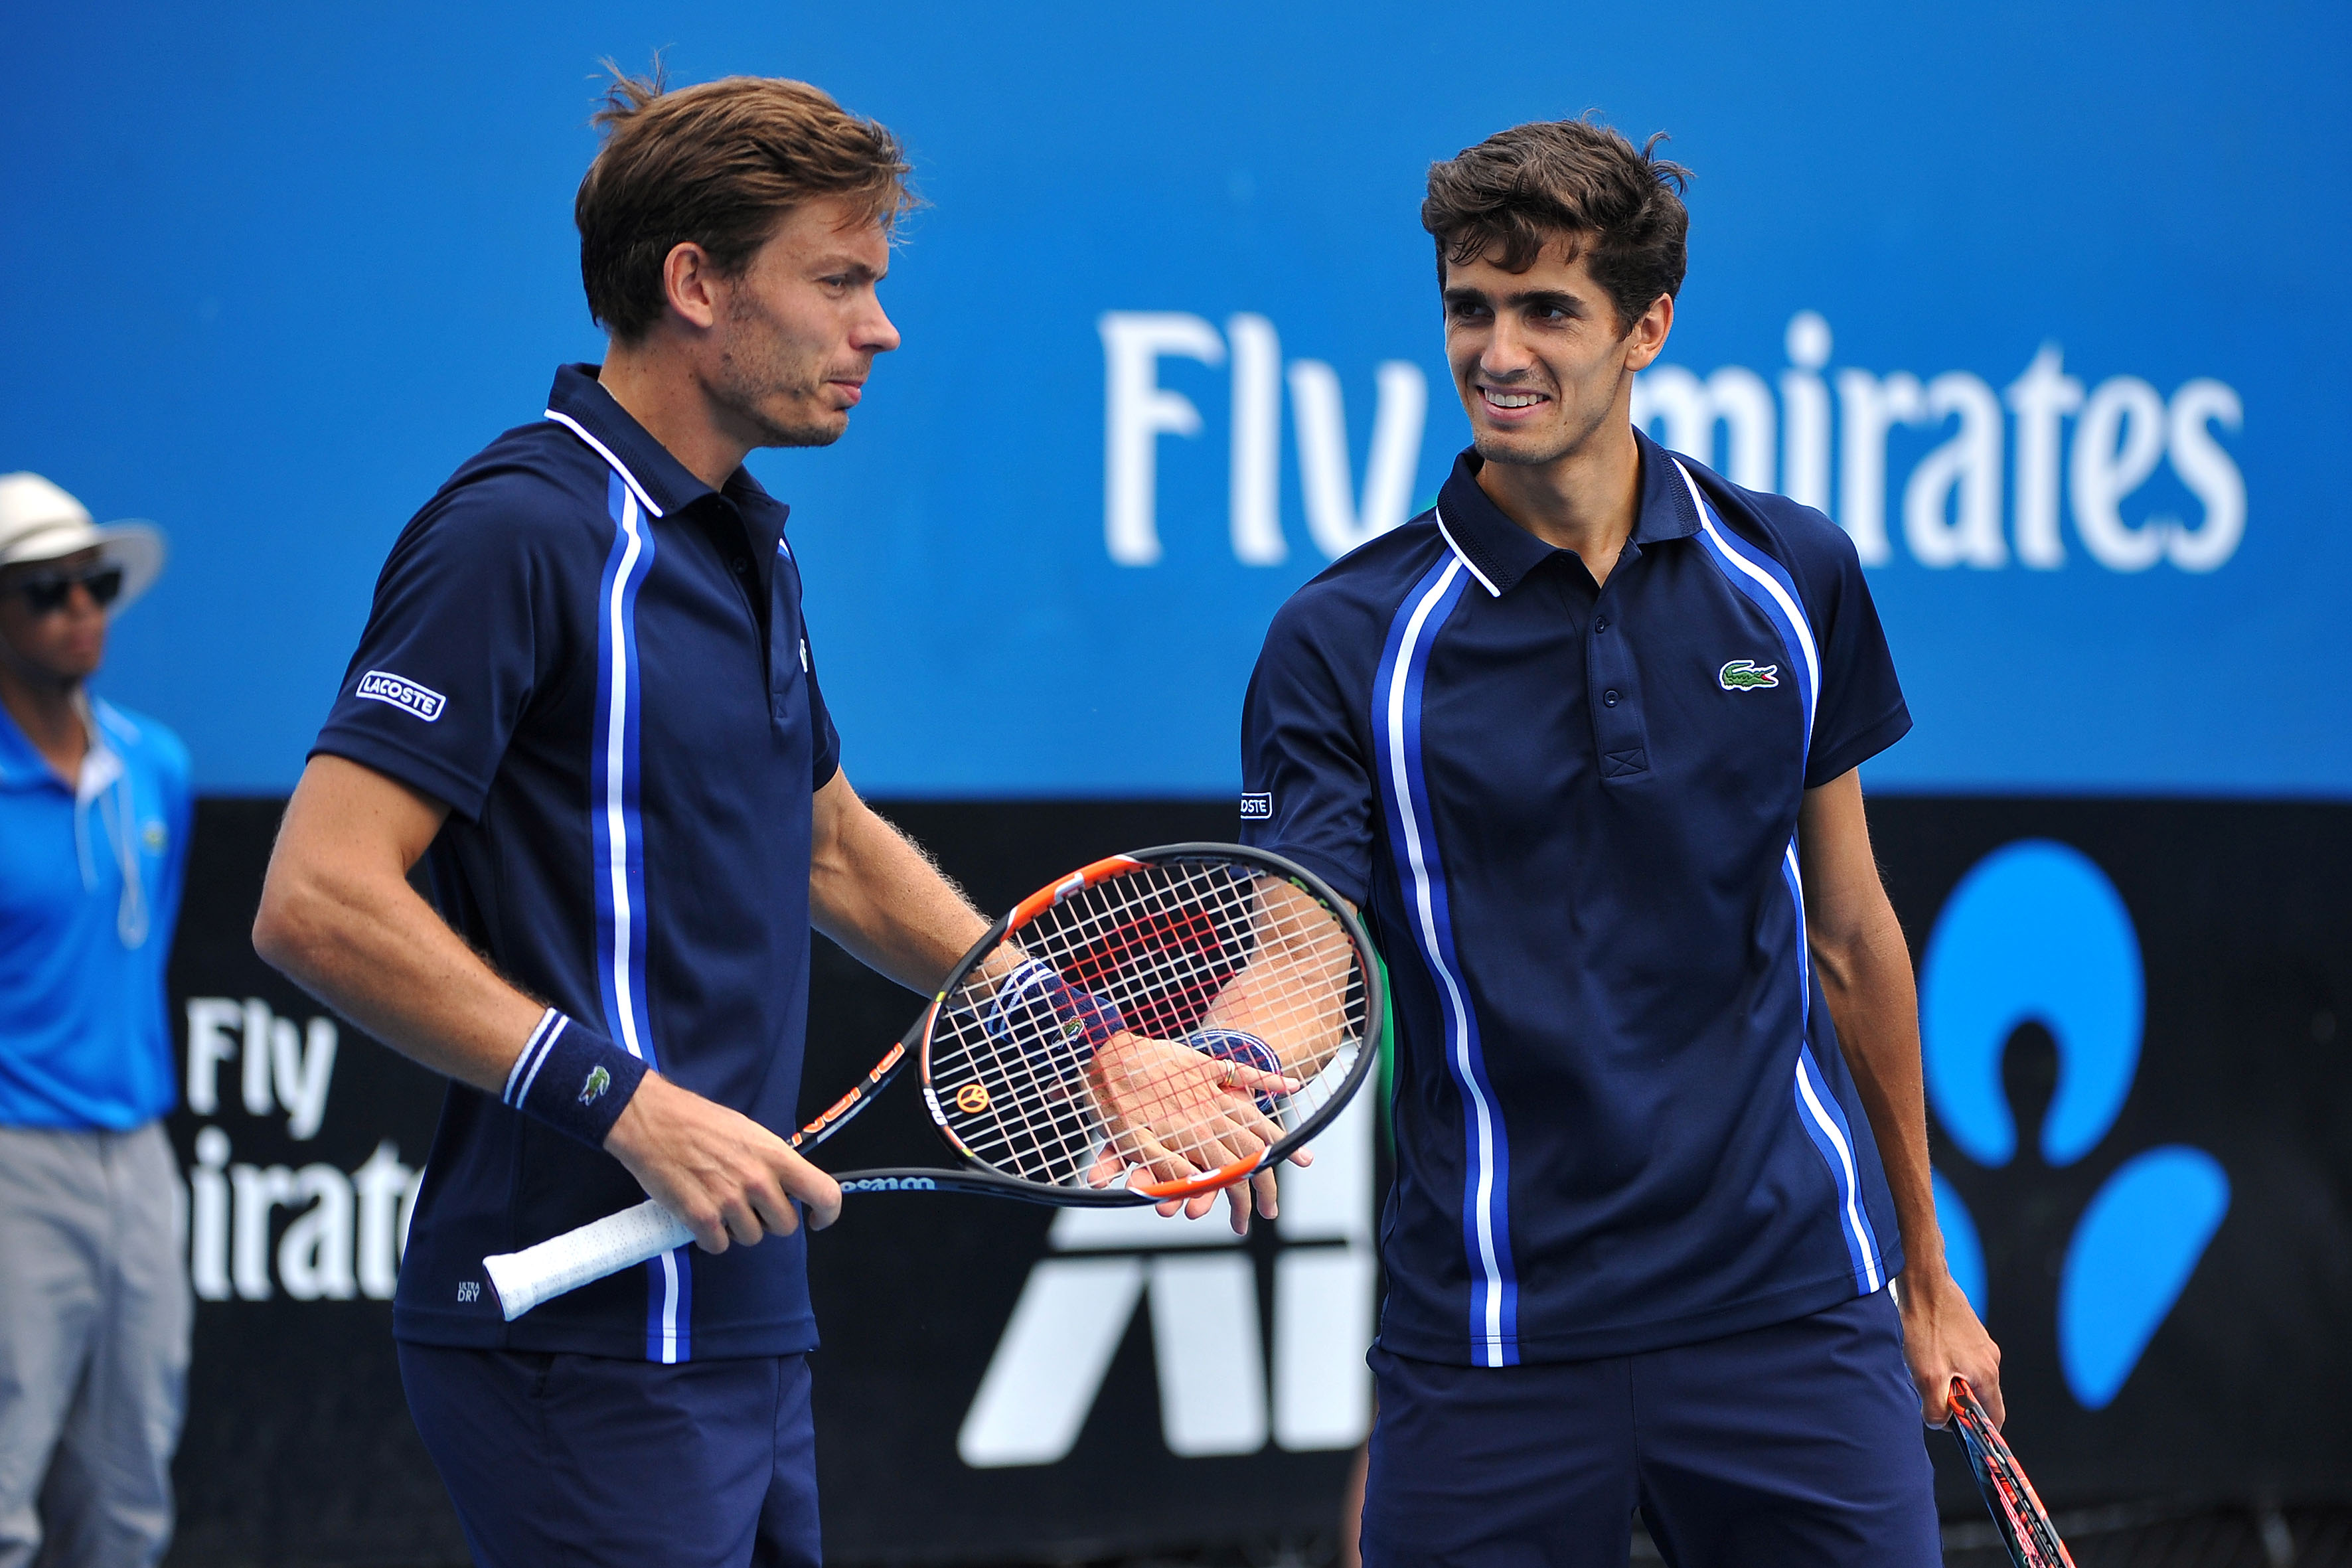 Tennis : Coupe Davis - Mahut-Herbert peuvent-ils bousculer l?ordre �tabli en Coupe Davis ?